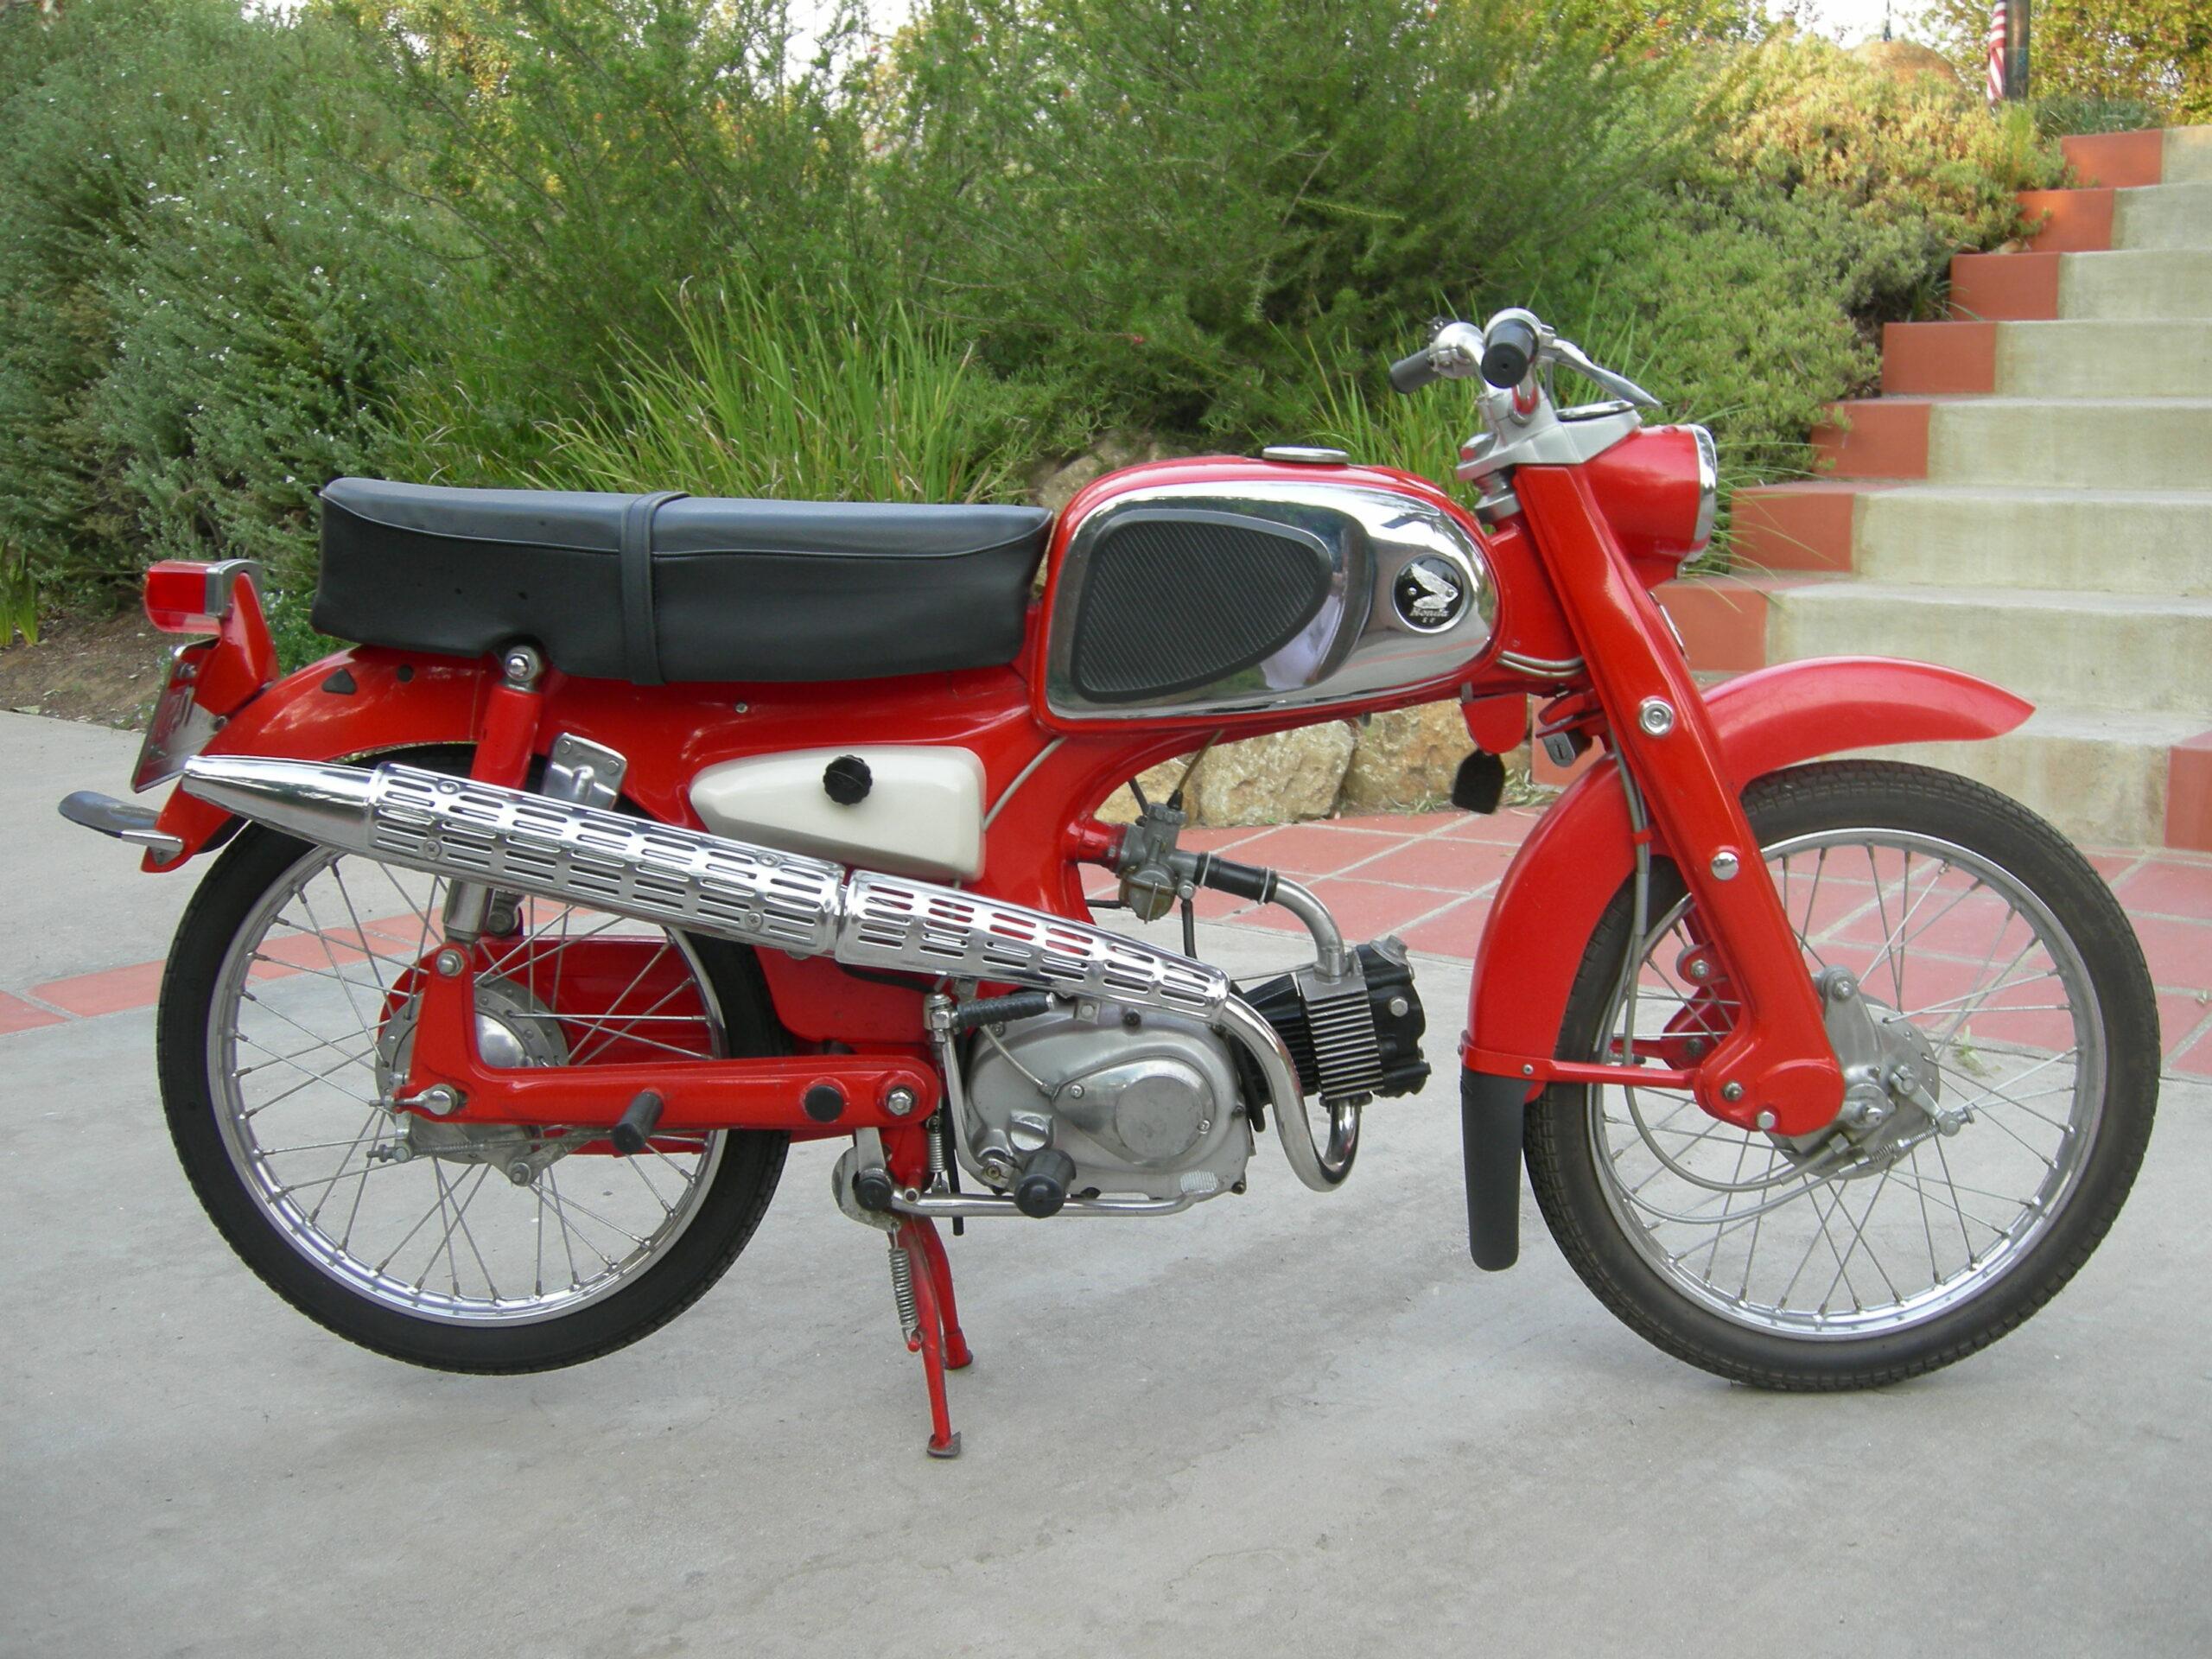 1964 Honda Super Cub or Sport 50